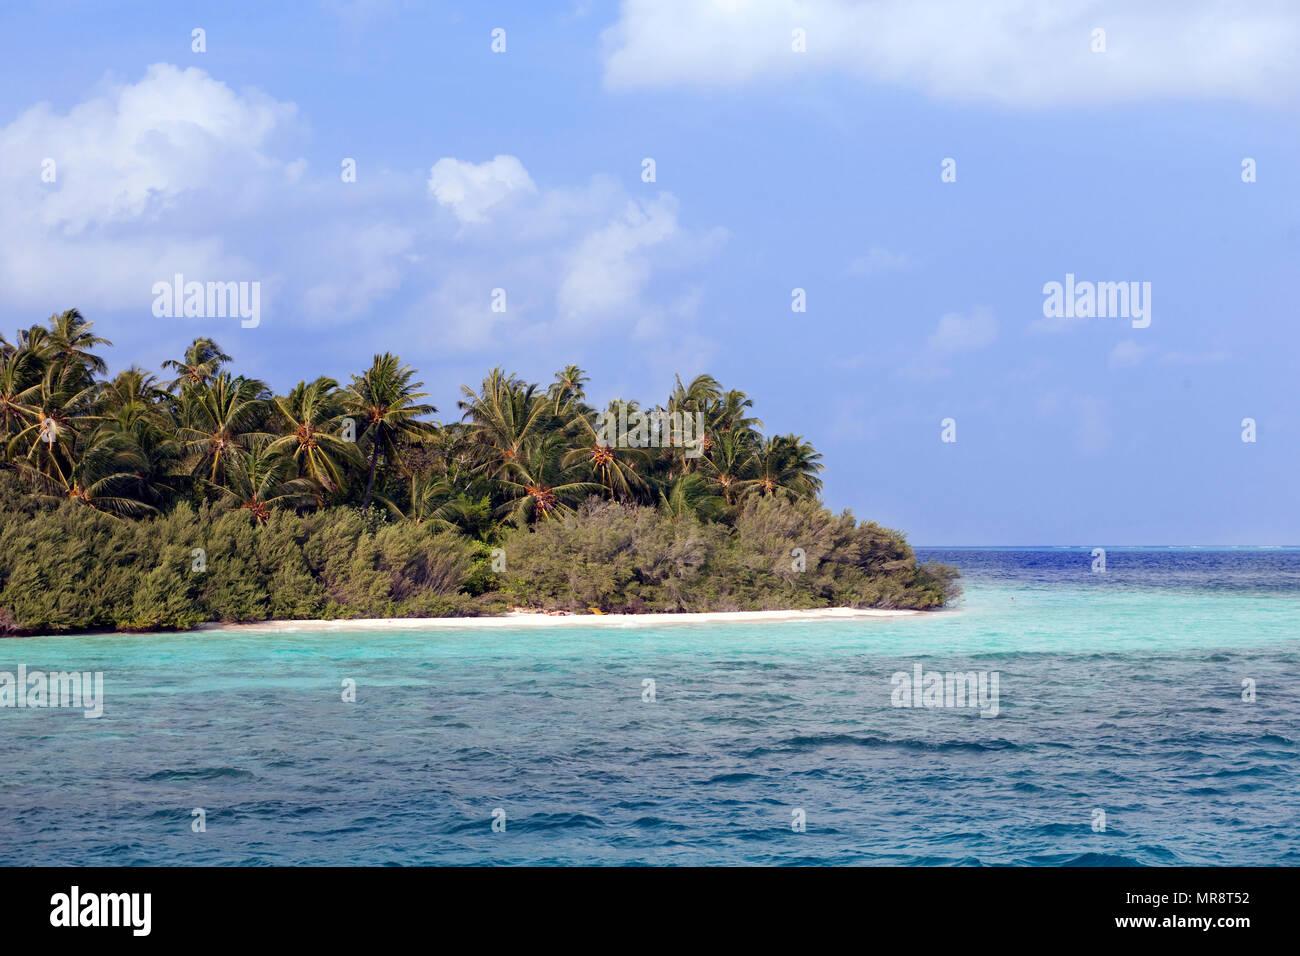 Malediven, Insel | Malediven, Insel Stockbild